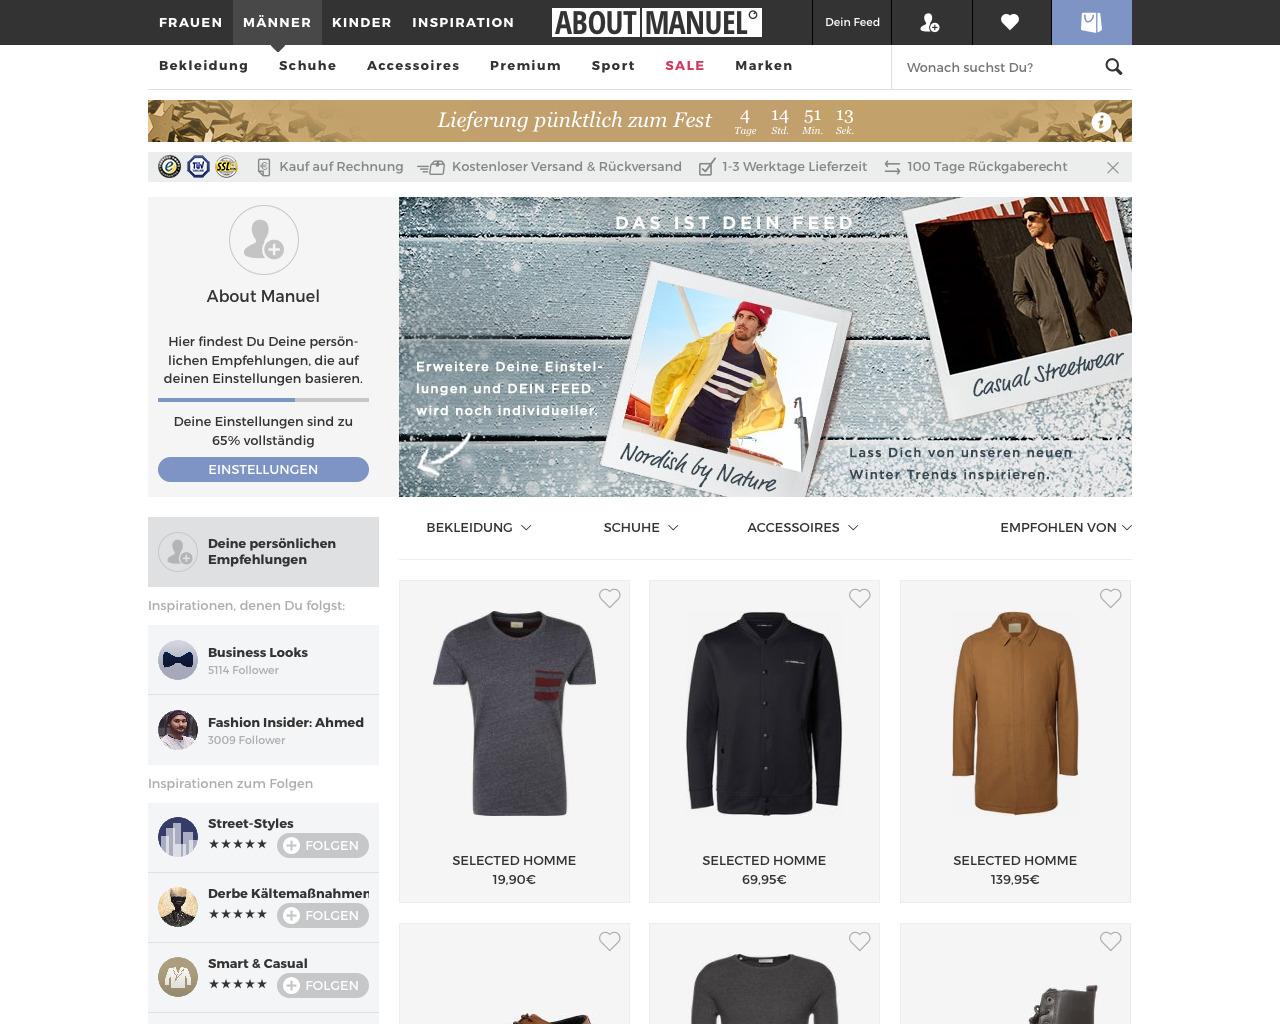 Der persönliche Feed bei About You basiert auf Angaben des Nutzers z.B. über Marken und sein Verhalten. Nettes Detail: Das Logo wird ebenfalls nach dem eigenen Namen personalisiert.